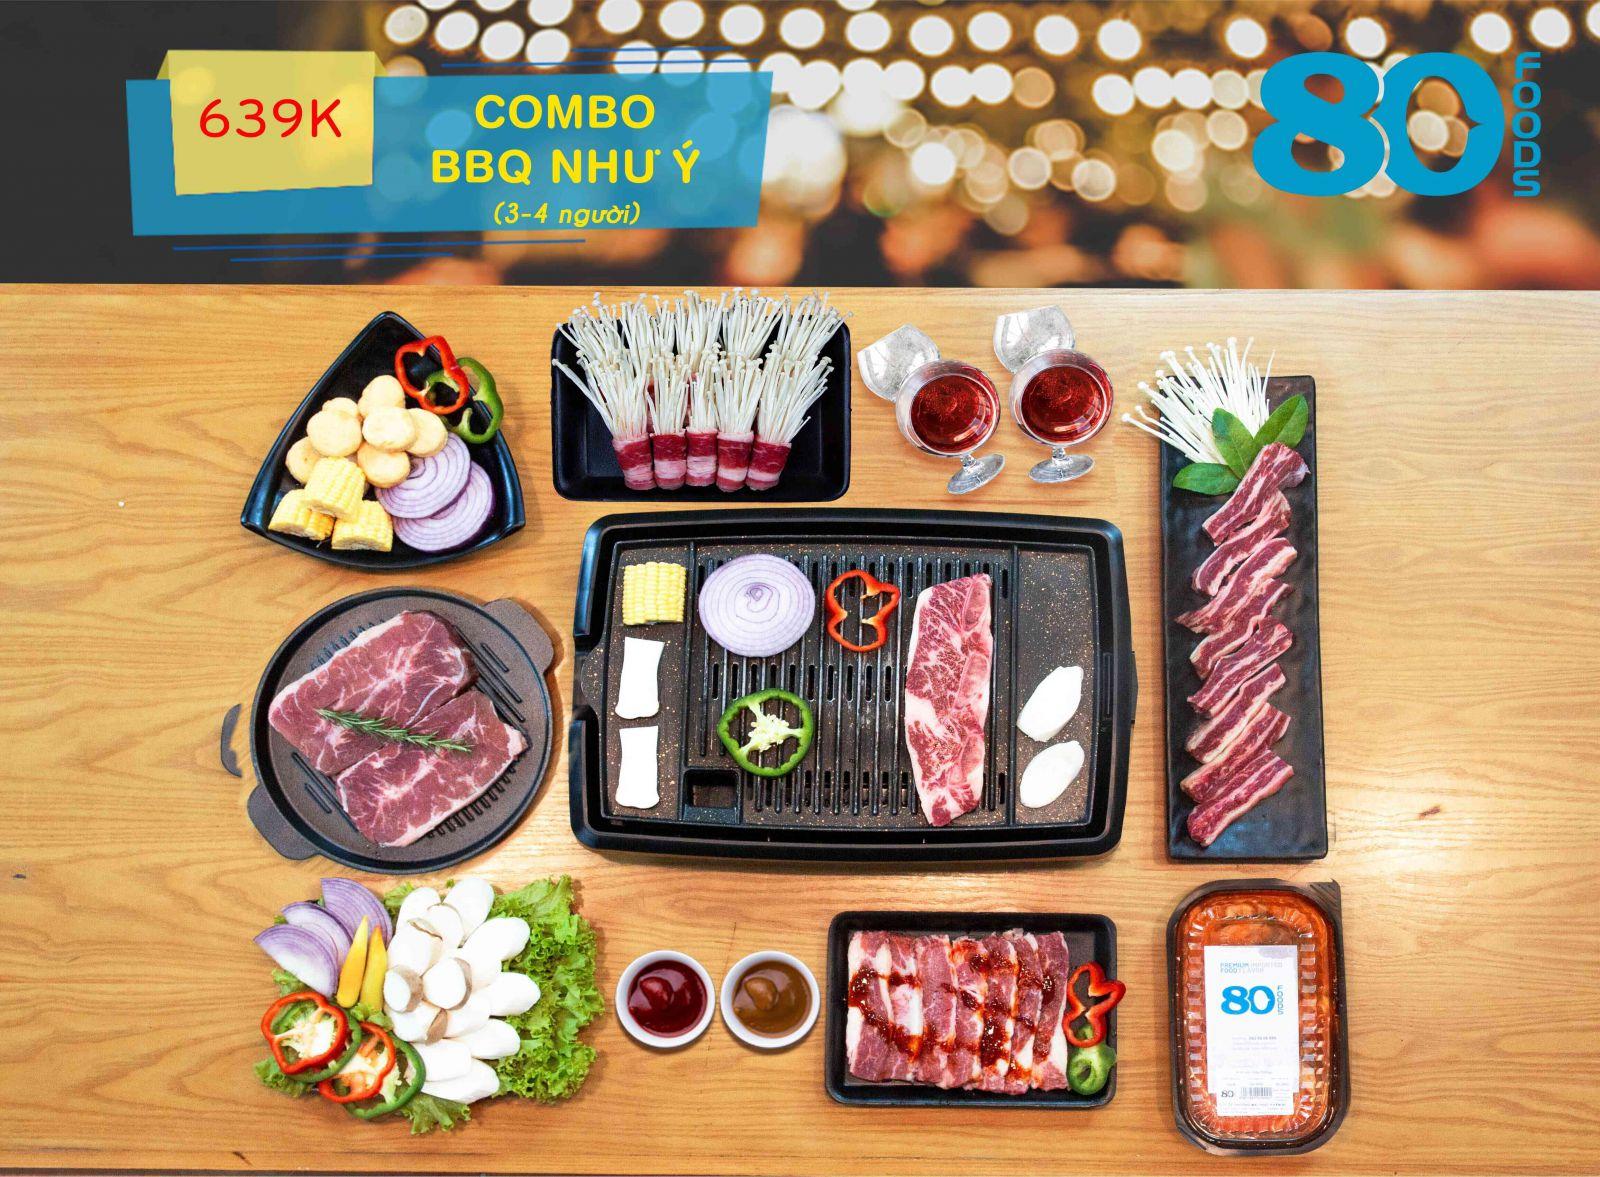 COMBO BBQ NHƯ Ý (3-4 NGƯỜI)